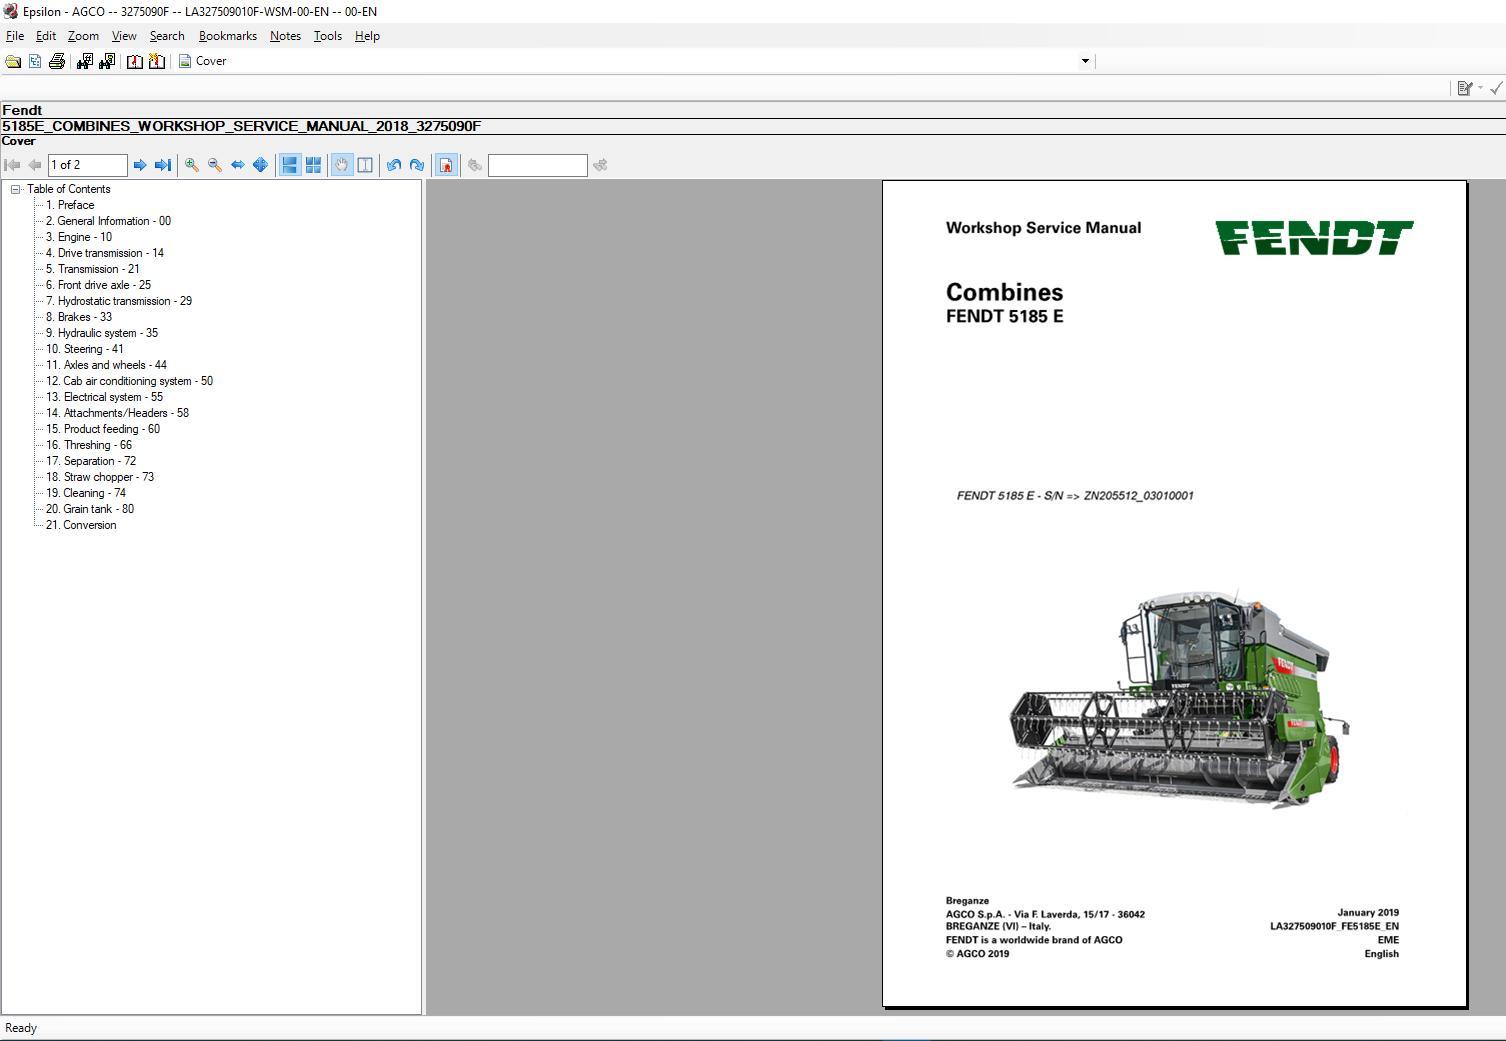 Fendt_AU_AG_052019_Part_Book_Workshop_Service_Manuals4